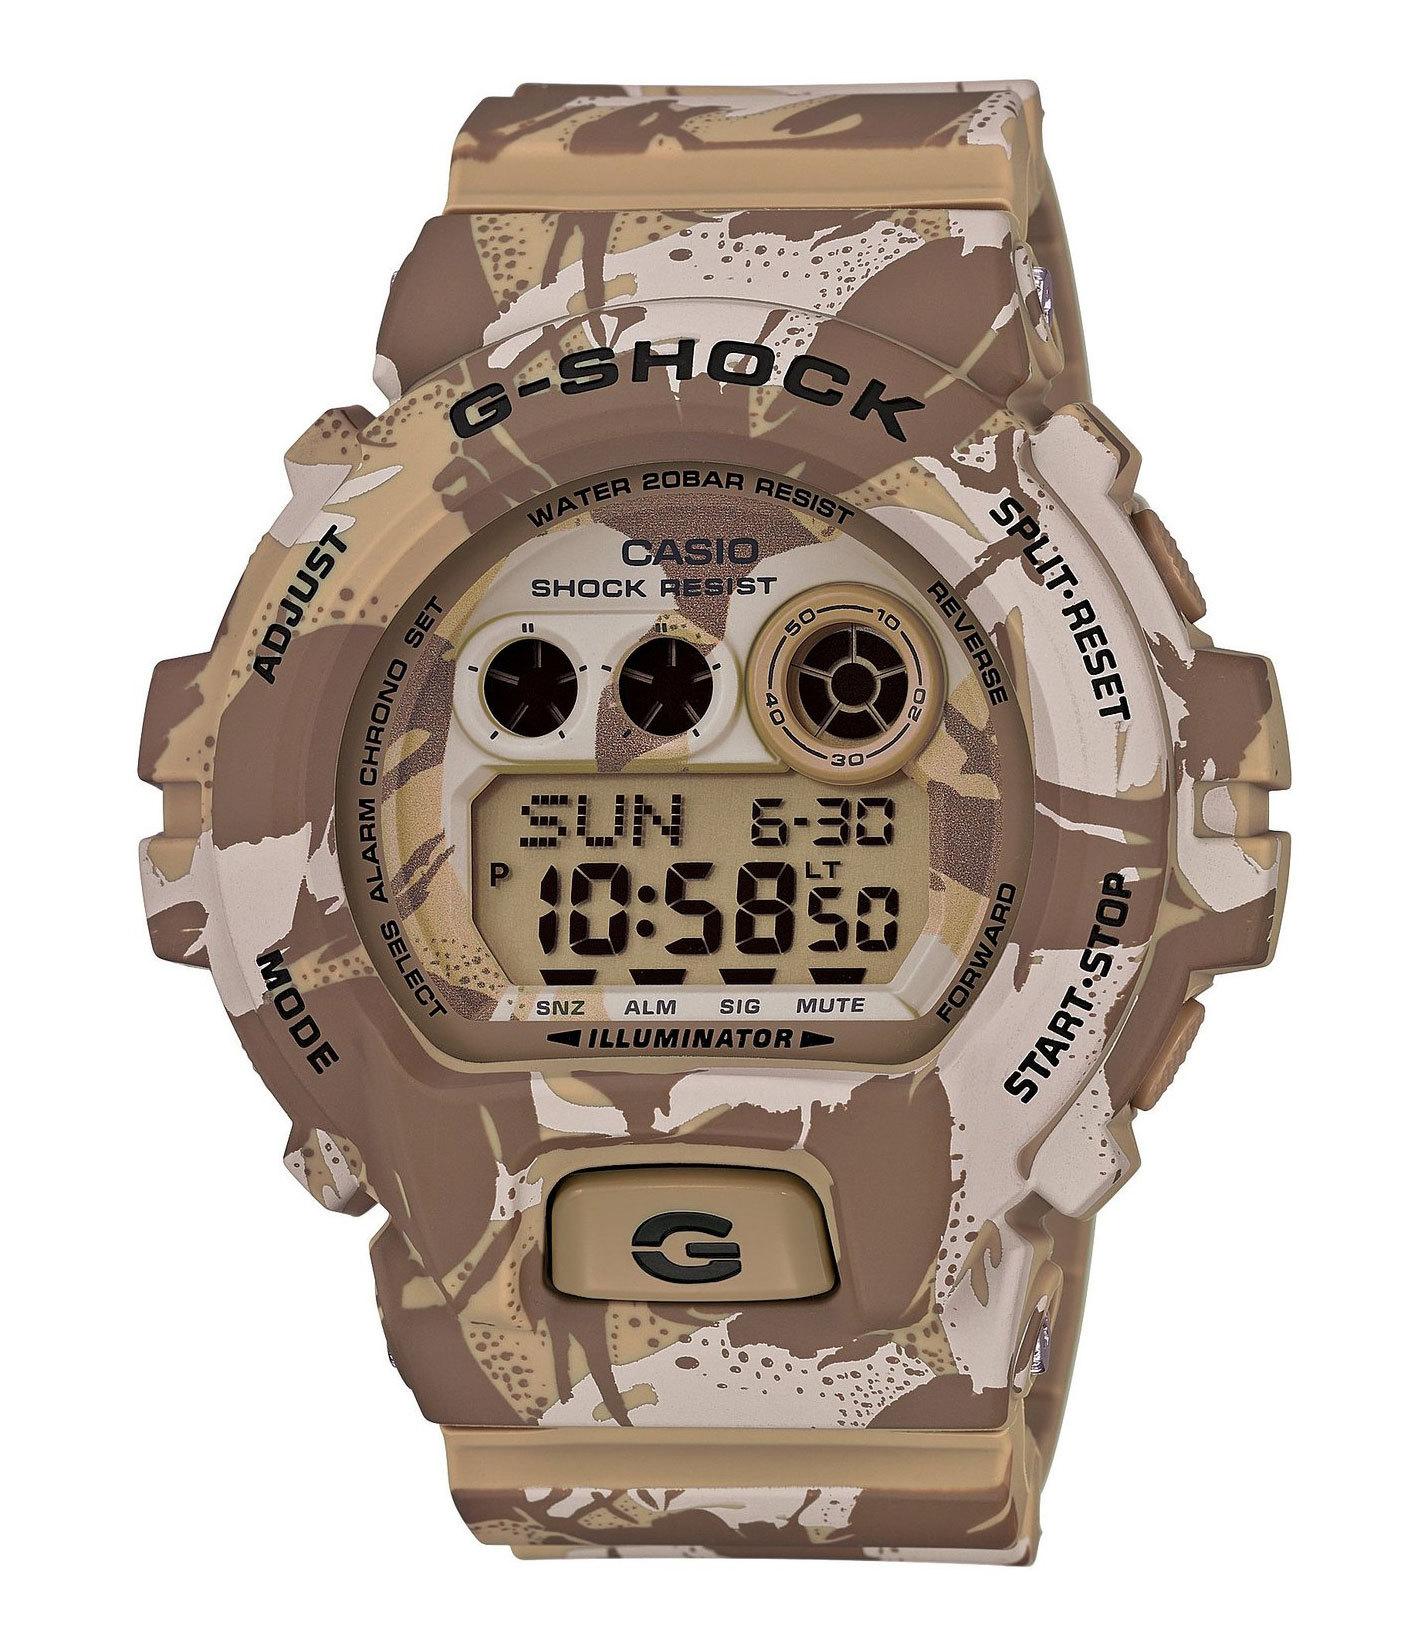 Casio G-SHOCK GD-X6900MC-5E / GD-X6900MC-5ER - мужские наручные часыCasio<br><br><br>Бренд: Casio<br>Модель: Casio GD-X6900MC-5E<br>Артикул: GD-X6900MC-5E<br>Вариант артикула: GD-X6900MC-5ER<br>Коллекция: G-SHOCK<br>Подколлекция: None<br>Страна: Япония<br>Пол: мужские<br>Тип механизма: кварцевые<br>Механизм: None<br>Количество камней: None<br>Автоподзавод: None<br>Источник энергии: от батарейки<br>Срок службы элемента питания: None<br>Дисплей: цифры<br>Цифры: None<br>Водозащита: WR 200<br>Противоударные: есть<br>Материал корпуса: пластик<br>Материал браслета: пластик<br>Материал безеля: None<br>Стекло: минеральное<br>Антибликовое покрытие: None<br>Цвет корпуса: None<br>Цвет браслета: None<br>Цвет циферблата: None<br>Цвет безеля: None<br>Размеры: 53.9x57.5x20.4 мм<br>Диаметр: None<br>Диаметр корпуса: None<br>Толщина: None<br>Ширина ремешка: None<br>Вес: 79 г<br>Спорт-функции: секундомер, таймер обратного отсчета<br>Подсветка: дисплея<br>Вставка: None<br>Отображение даты: вечный календарь, число, месяц, год, день недели<br>Хронограф: None<br>Таймер: None<br>Термометр: None<br>Хронометр: None<br>GPS: None<br>Радиосинхронизация: None<br>Барометр: None<br>Скелетон: None<br>Дополнительная информация: автоподсветка, ежечасный сигнал, повтор сигнала будильника, функция Flash alert, функция включения/отключения звука кнопок; элемент питания CR2032, срок службы батарейки 10 лет<br>Дополнительные функции: второй часовой пояс, будильник (количество установок: 3)